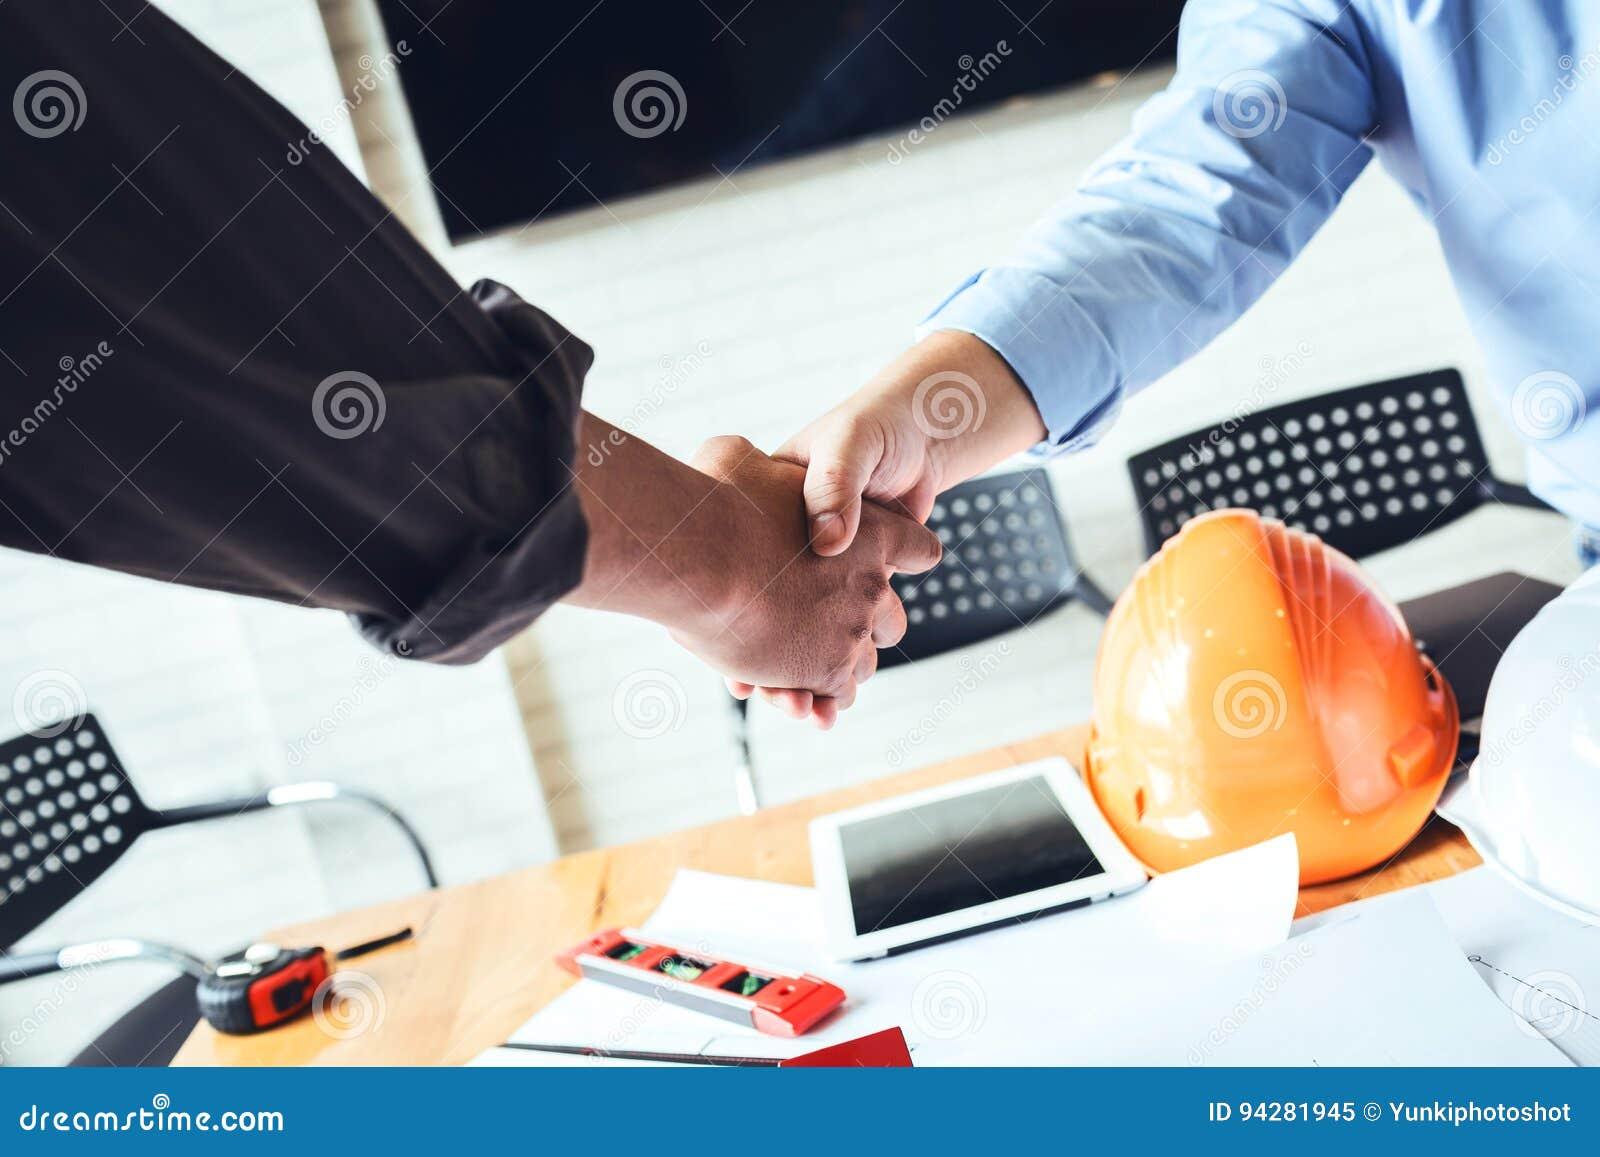 Betriebsberaterteam Das Hände Rüttelt Um Damit Einverstanden Zu